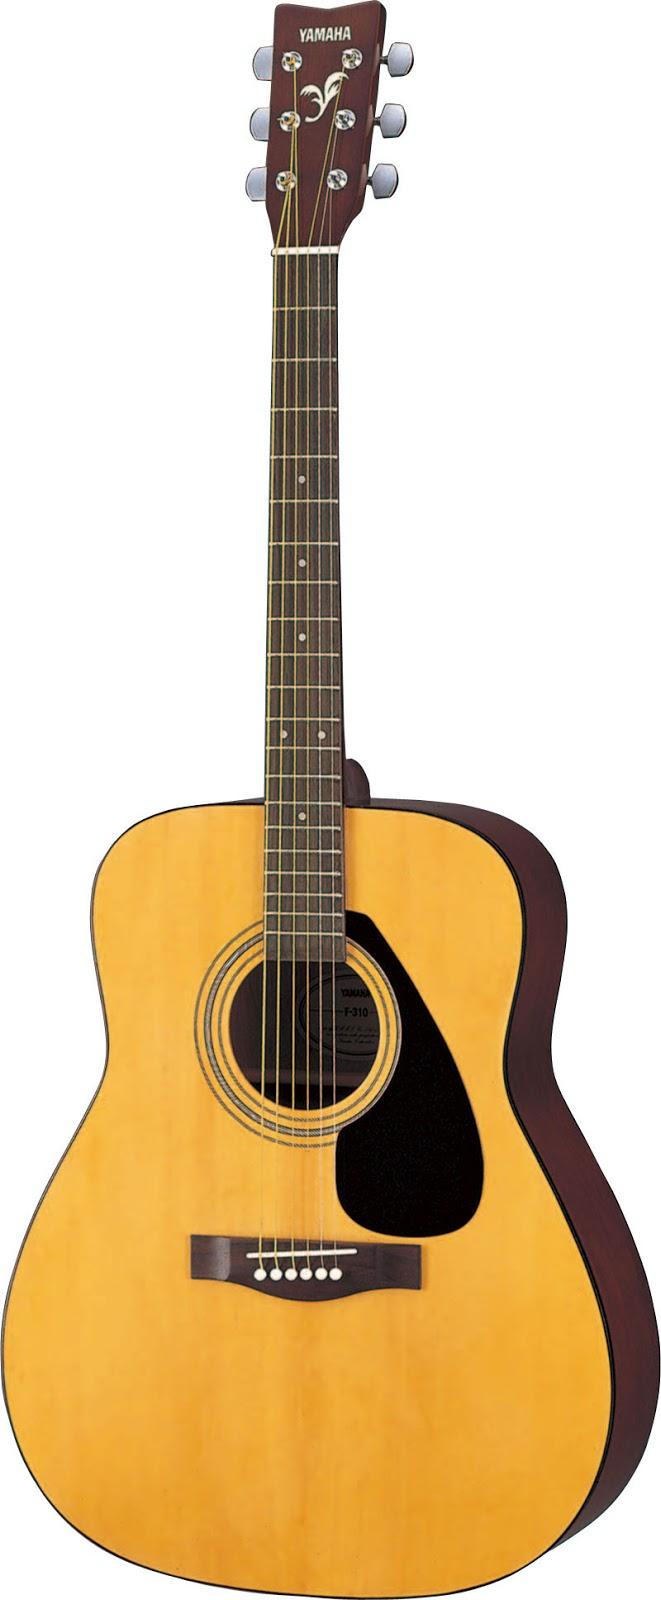 dan guitar yamaha f130